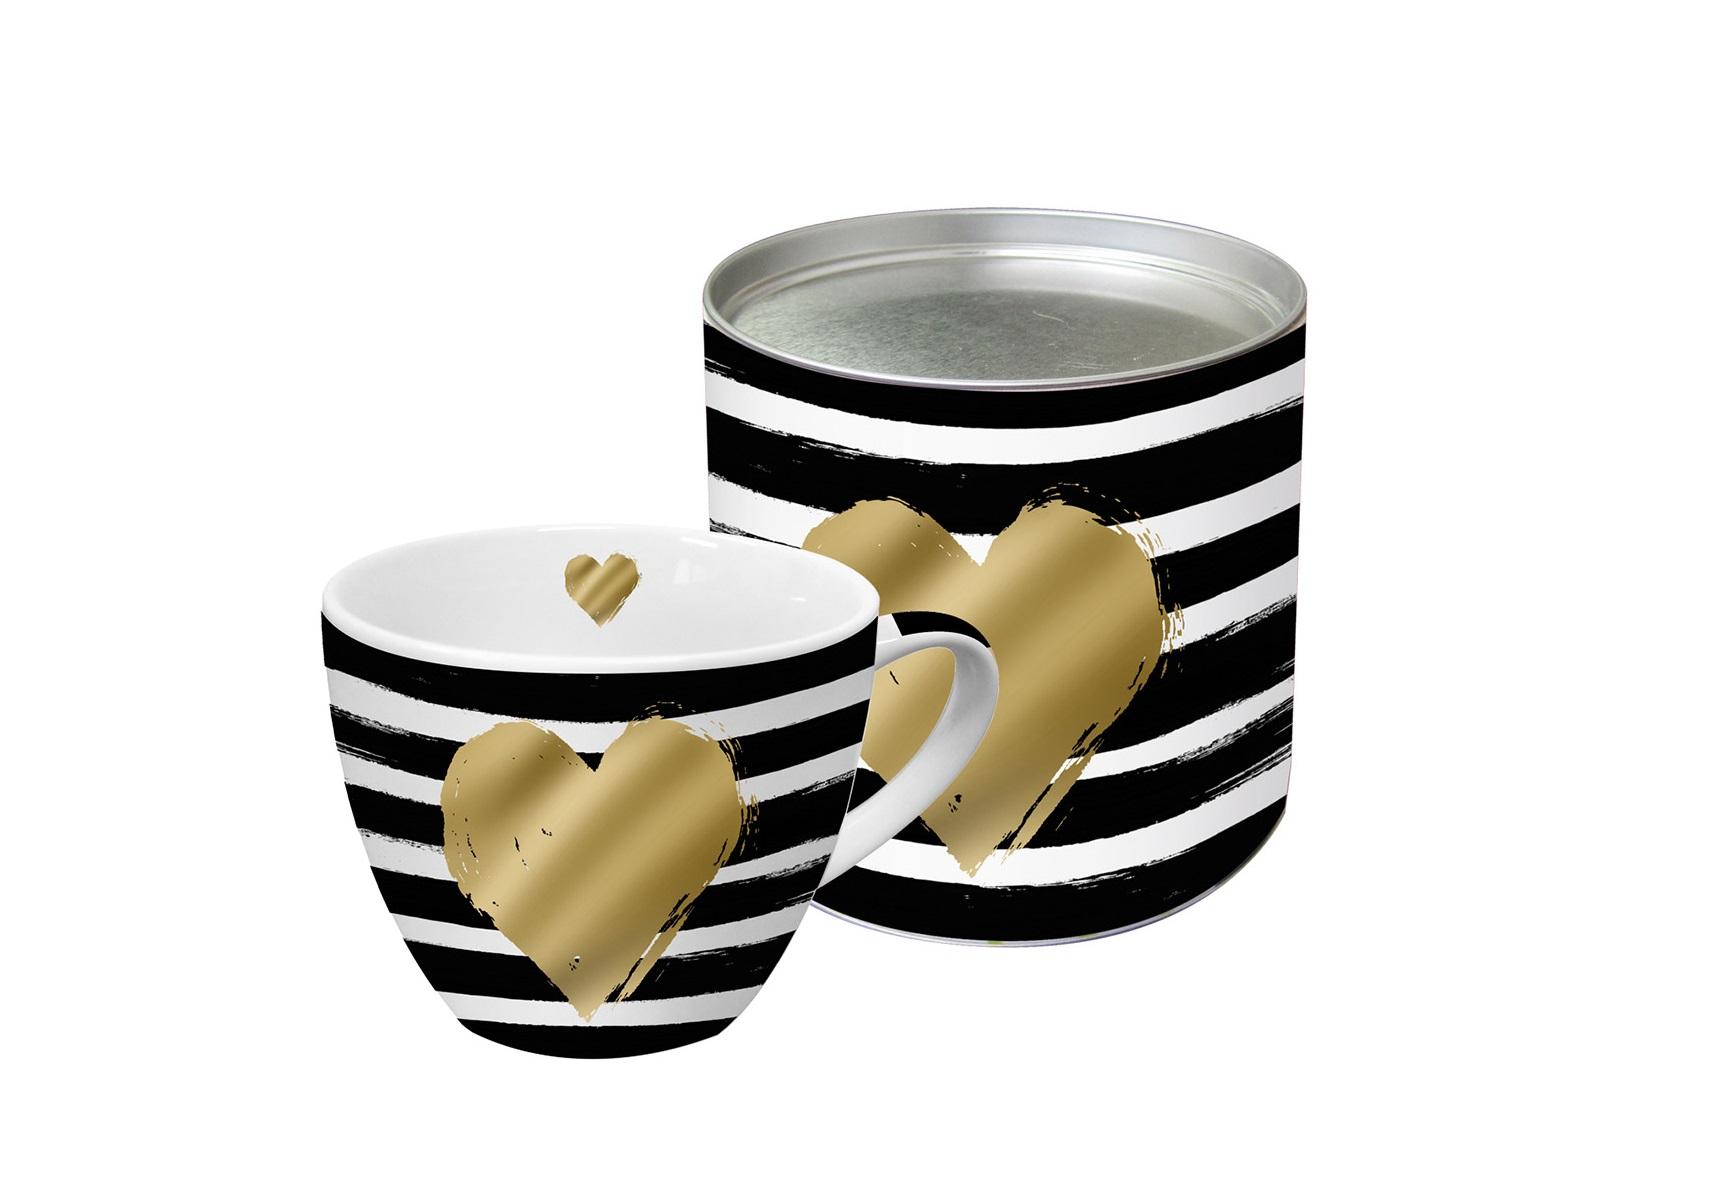 Кружка в подарочной упаковке Heart and StripesЧайные пары, чашки и кружки<br>Яркая большая кружка будет прекрасным подарком для друзей, а также родных и близких людей. Это не только красивый, но и функциональный подарок, который не оставит равнодушным даже самого взыскательного любителя ароматного чая.<br>Модель выполнена из высококачественного фарфора с нанесением принта. Кружка имеет большой объем – 0,45 Л, поэтому подходит для чая, пунша, морса и других любимых напитков. Главная особенность кружки – это креативная аппликация в виде сердца из настоящего золота. К кружке прилагается подарочная коробка с идентичным оформлением.<br><br>Material: Фарфор<br>Height см: 10,7<br>Diameter см: 9,5